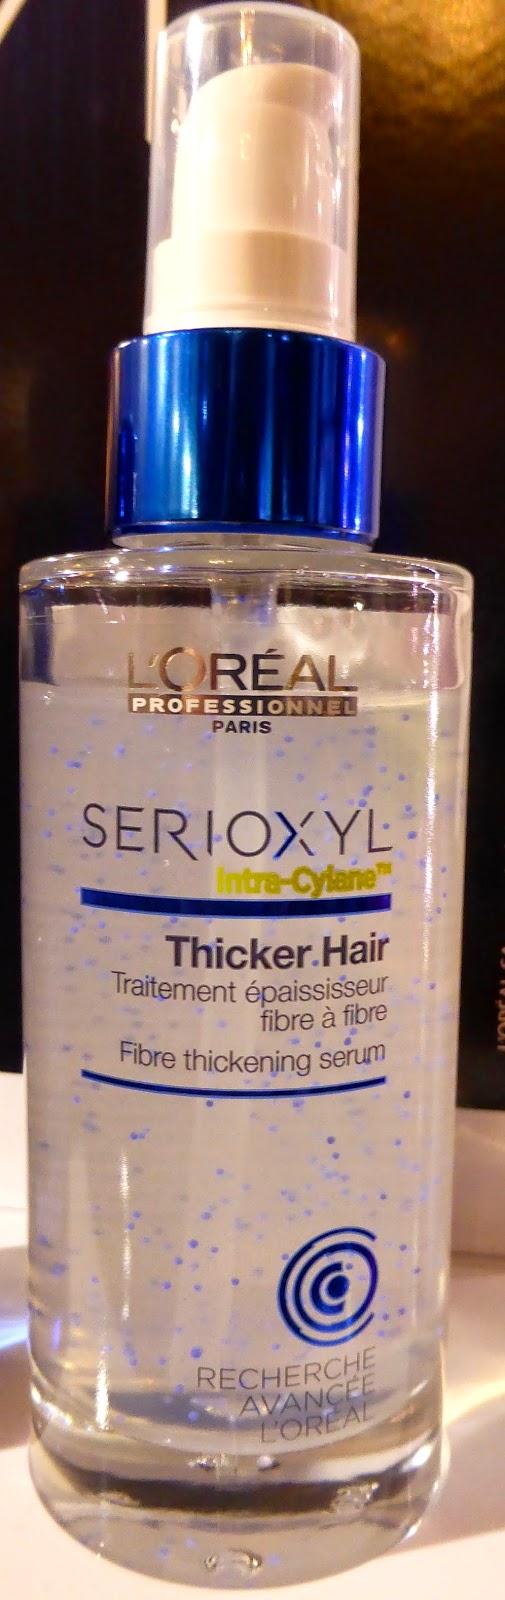 Serioxyl Thicker Hair, pour ré-épaissir instantanément vos cheveux., L'Oréal Recherche Avancée.